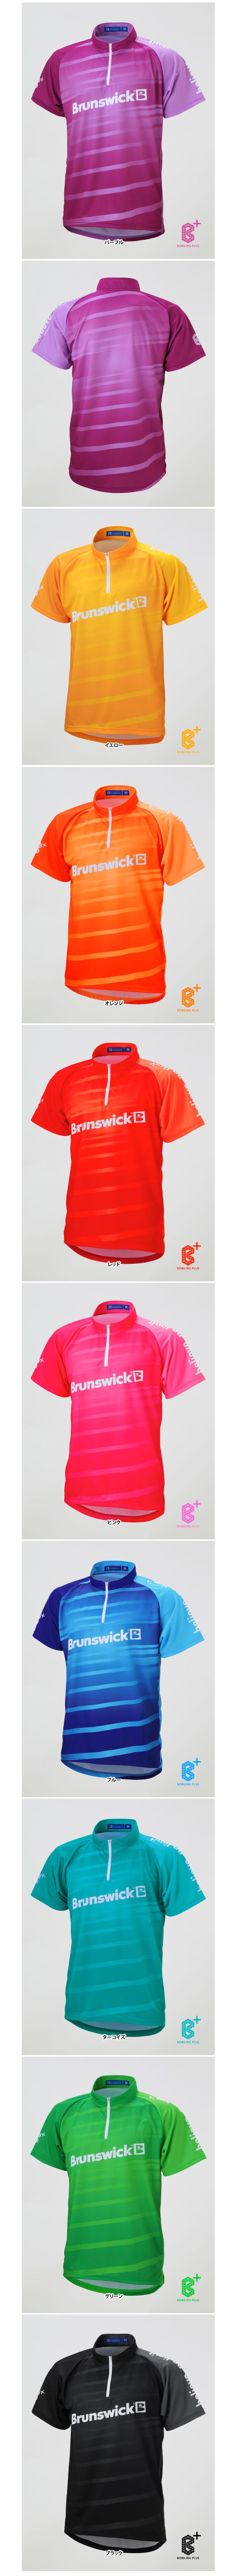 ボウリング用品 ボウリングウェア ブランズウィック BRUNSWICK BP034 カラフルシャツ